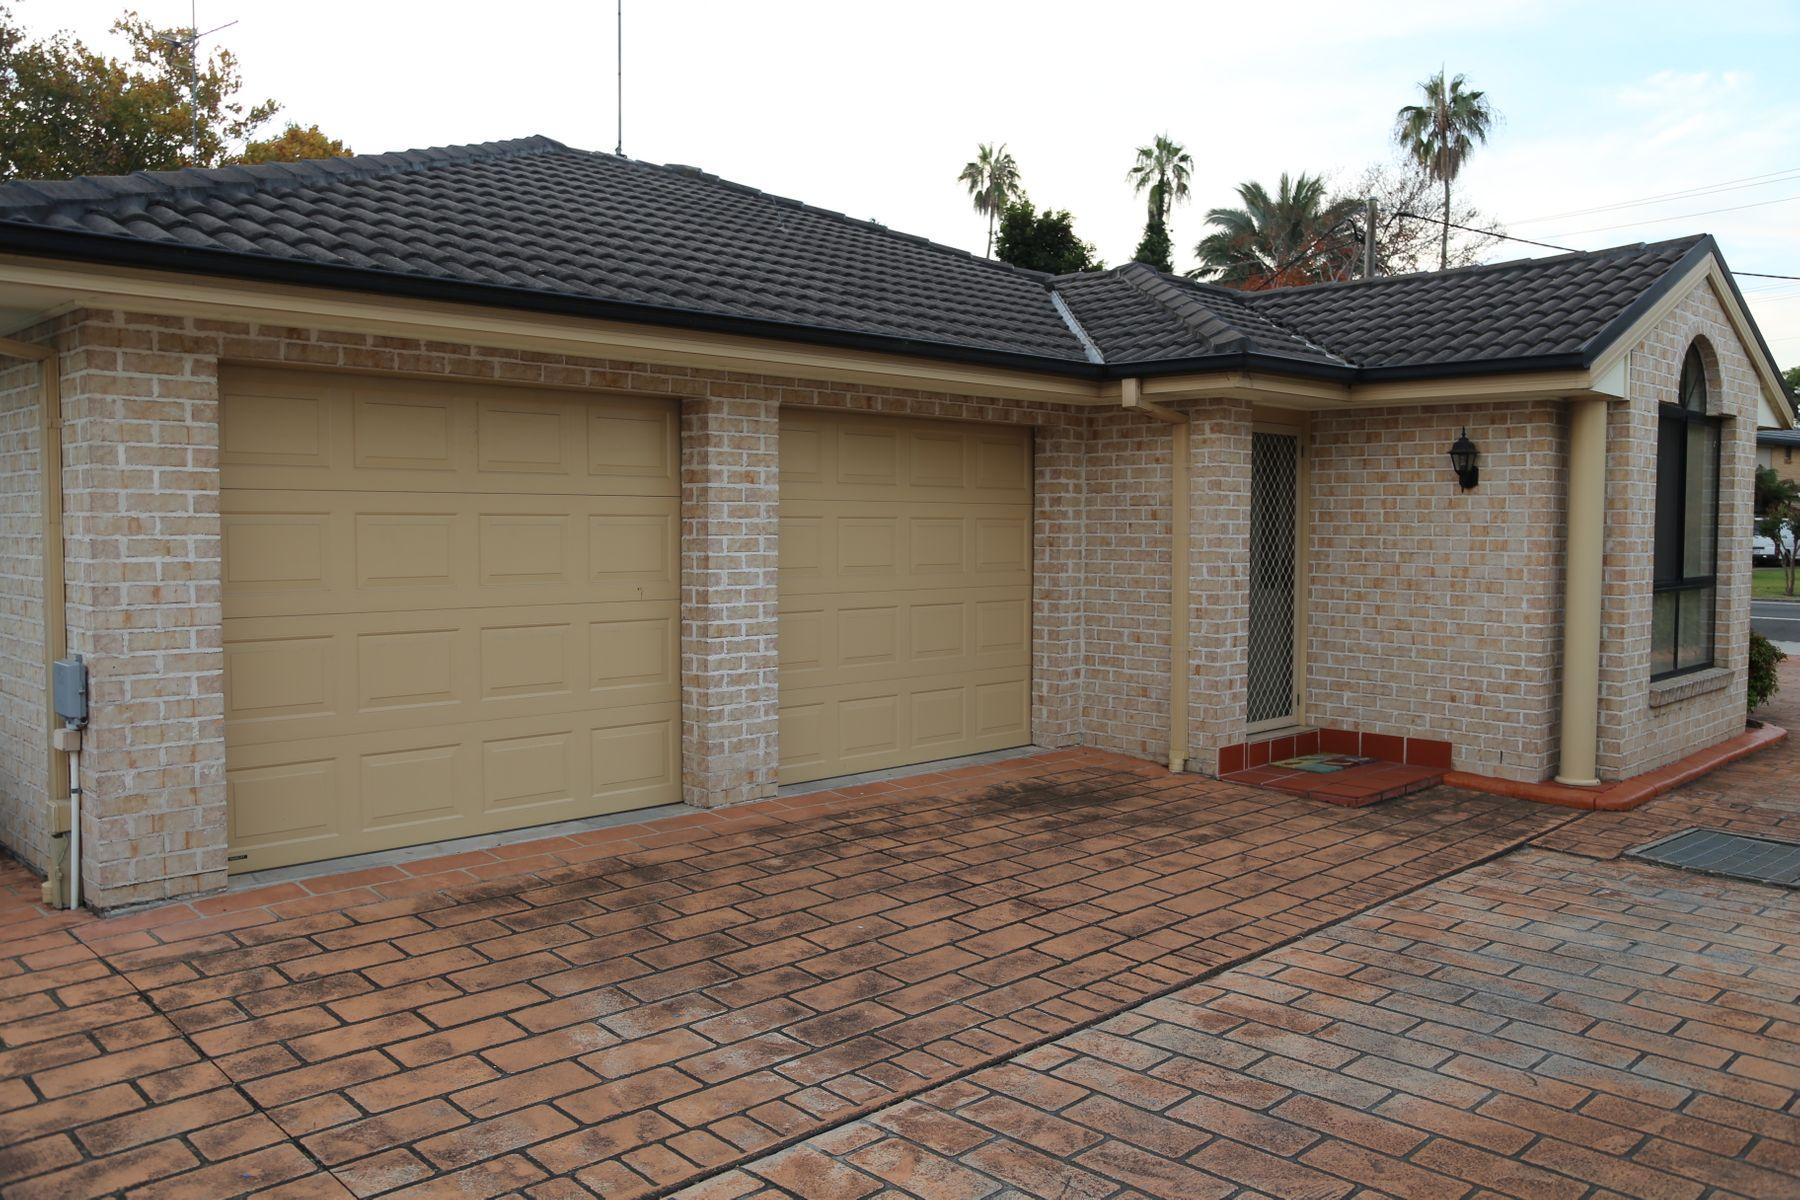 11/184 March St, Richmond, NSW 2753